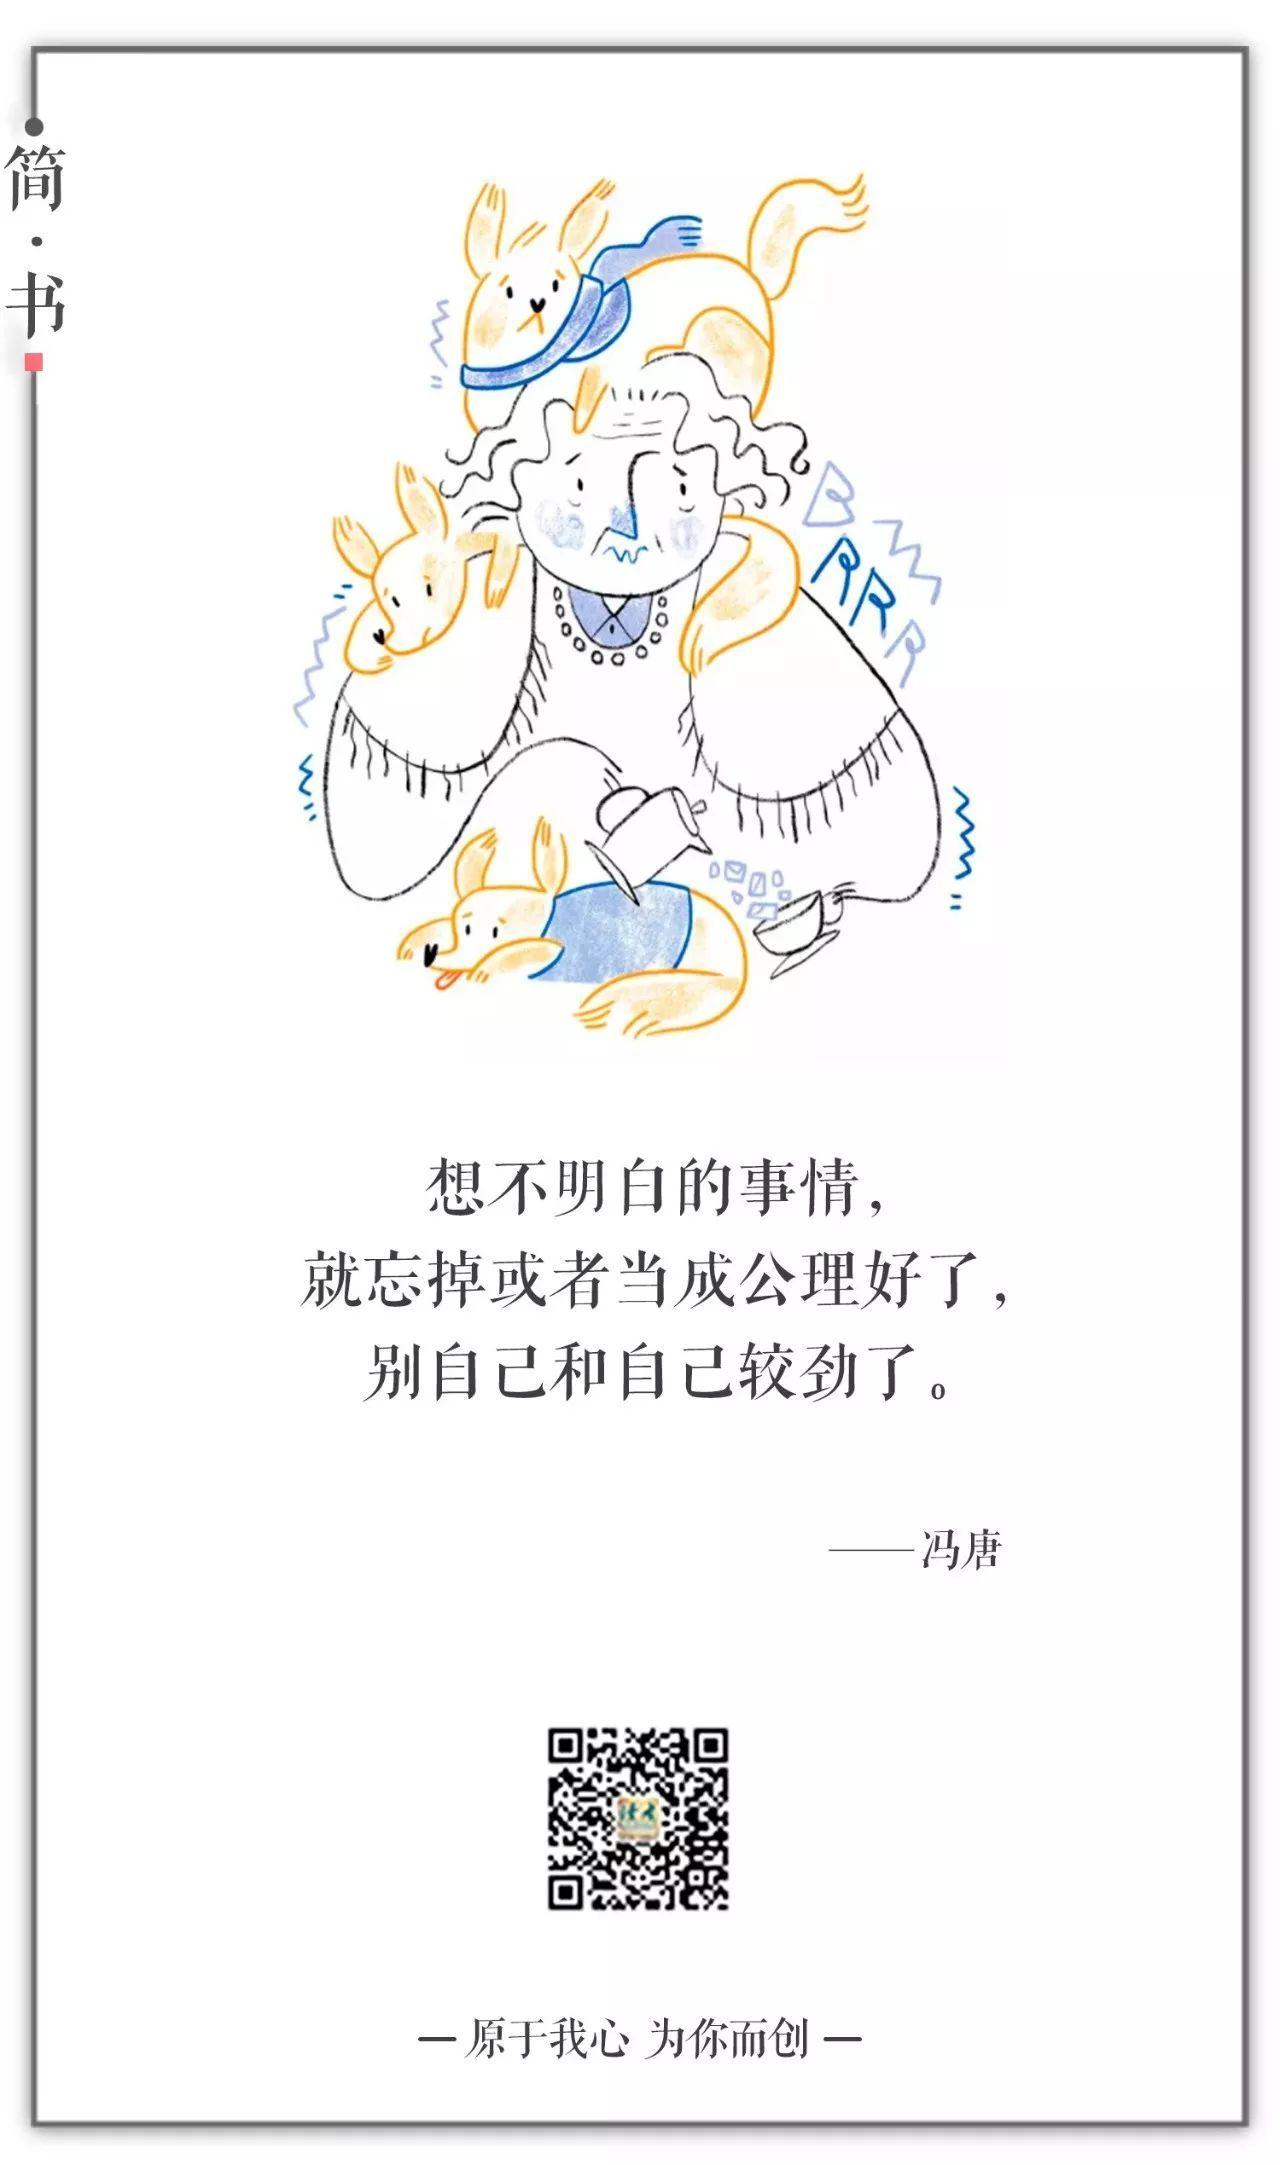 马蓉怼完范冰冰小号被封?王宝强律师又发文谈离婚,网友:有情况